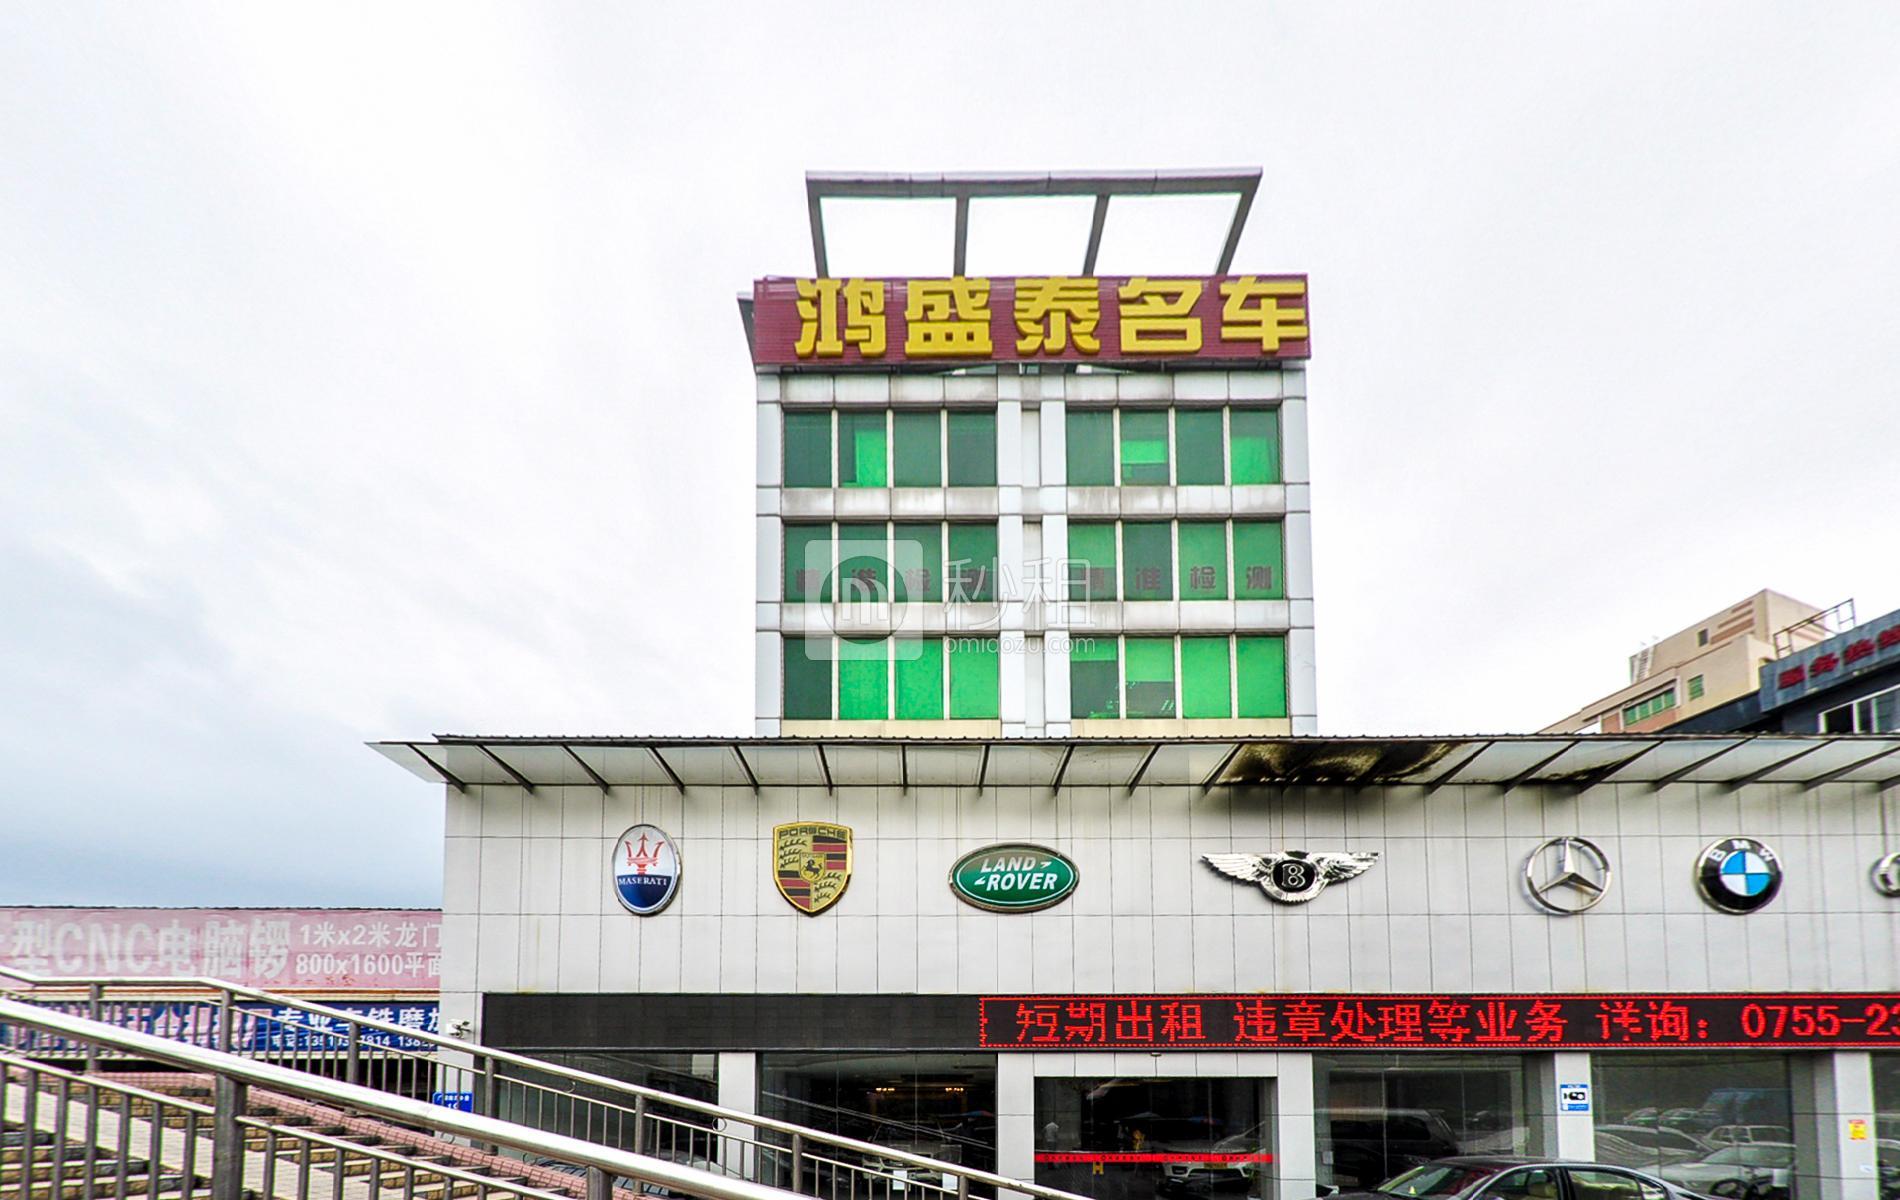 生力机电大厦